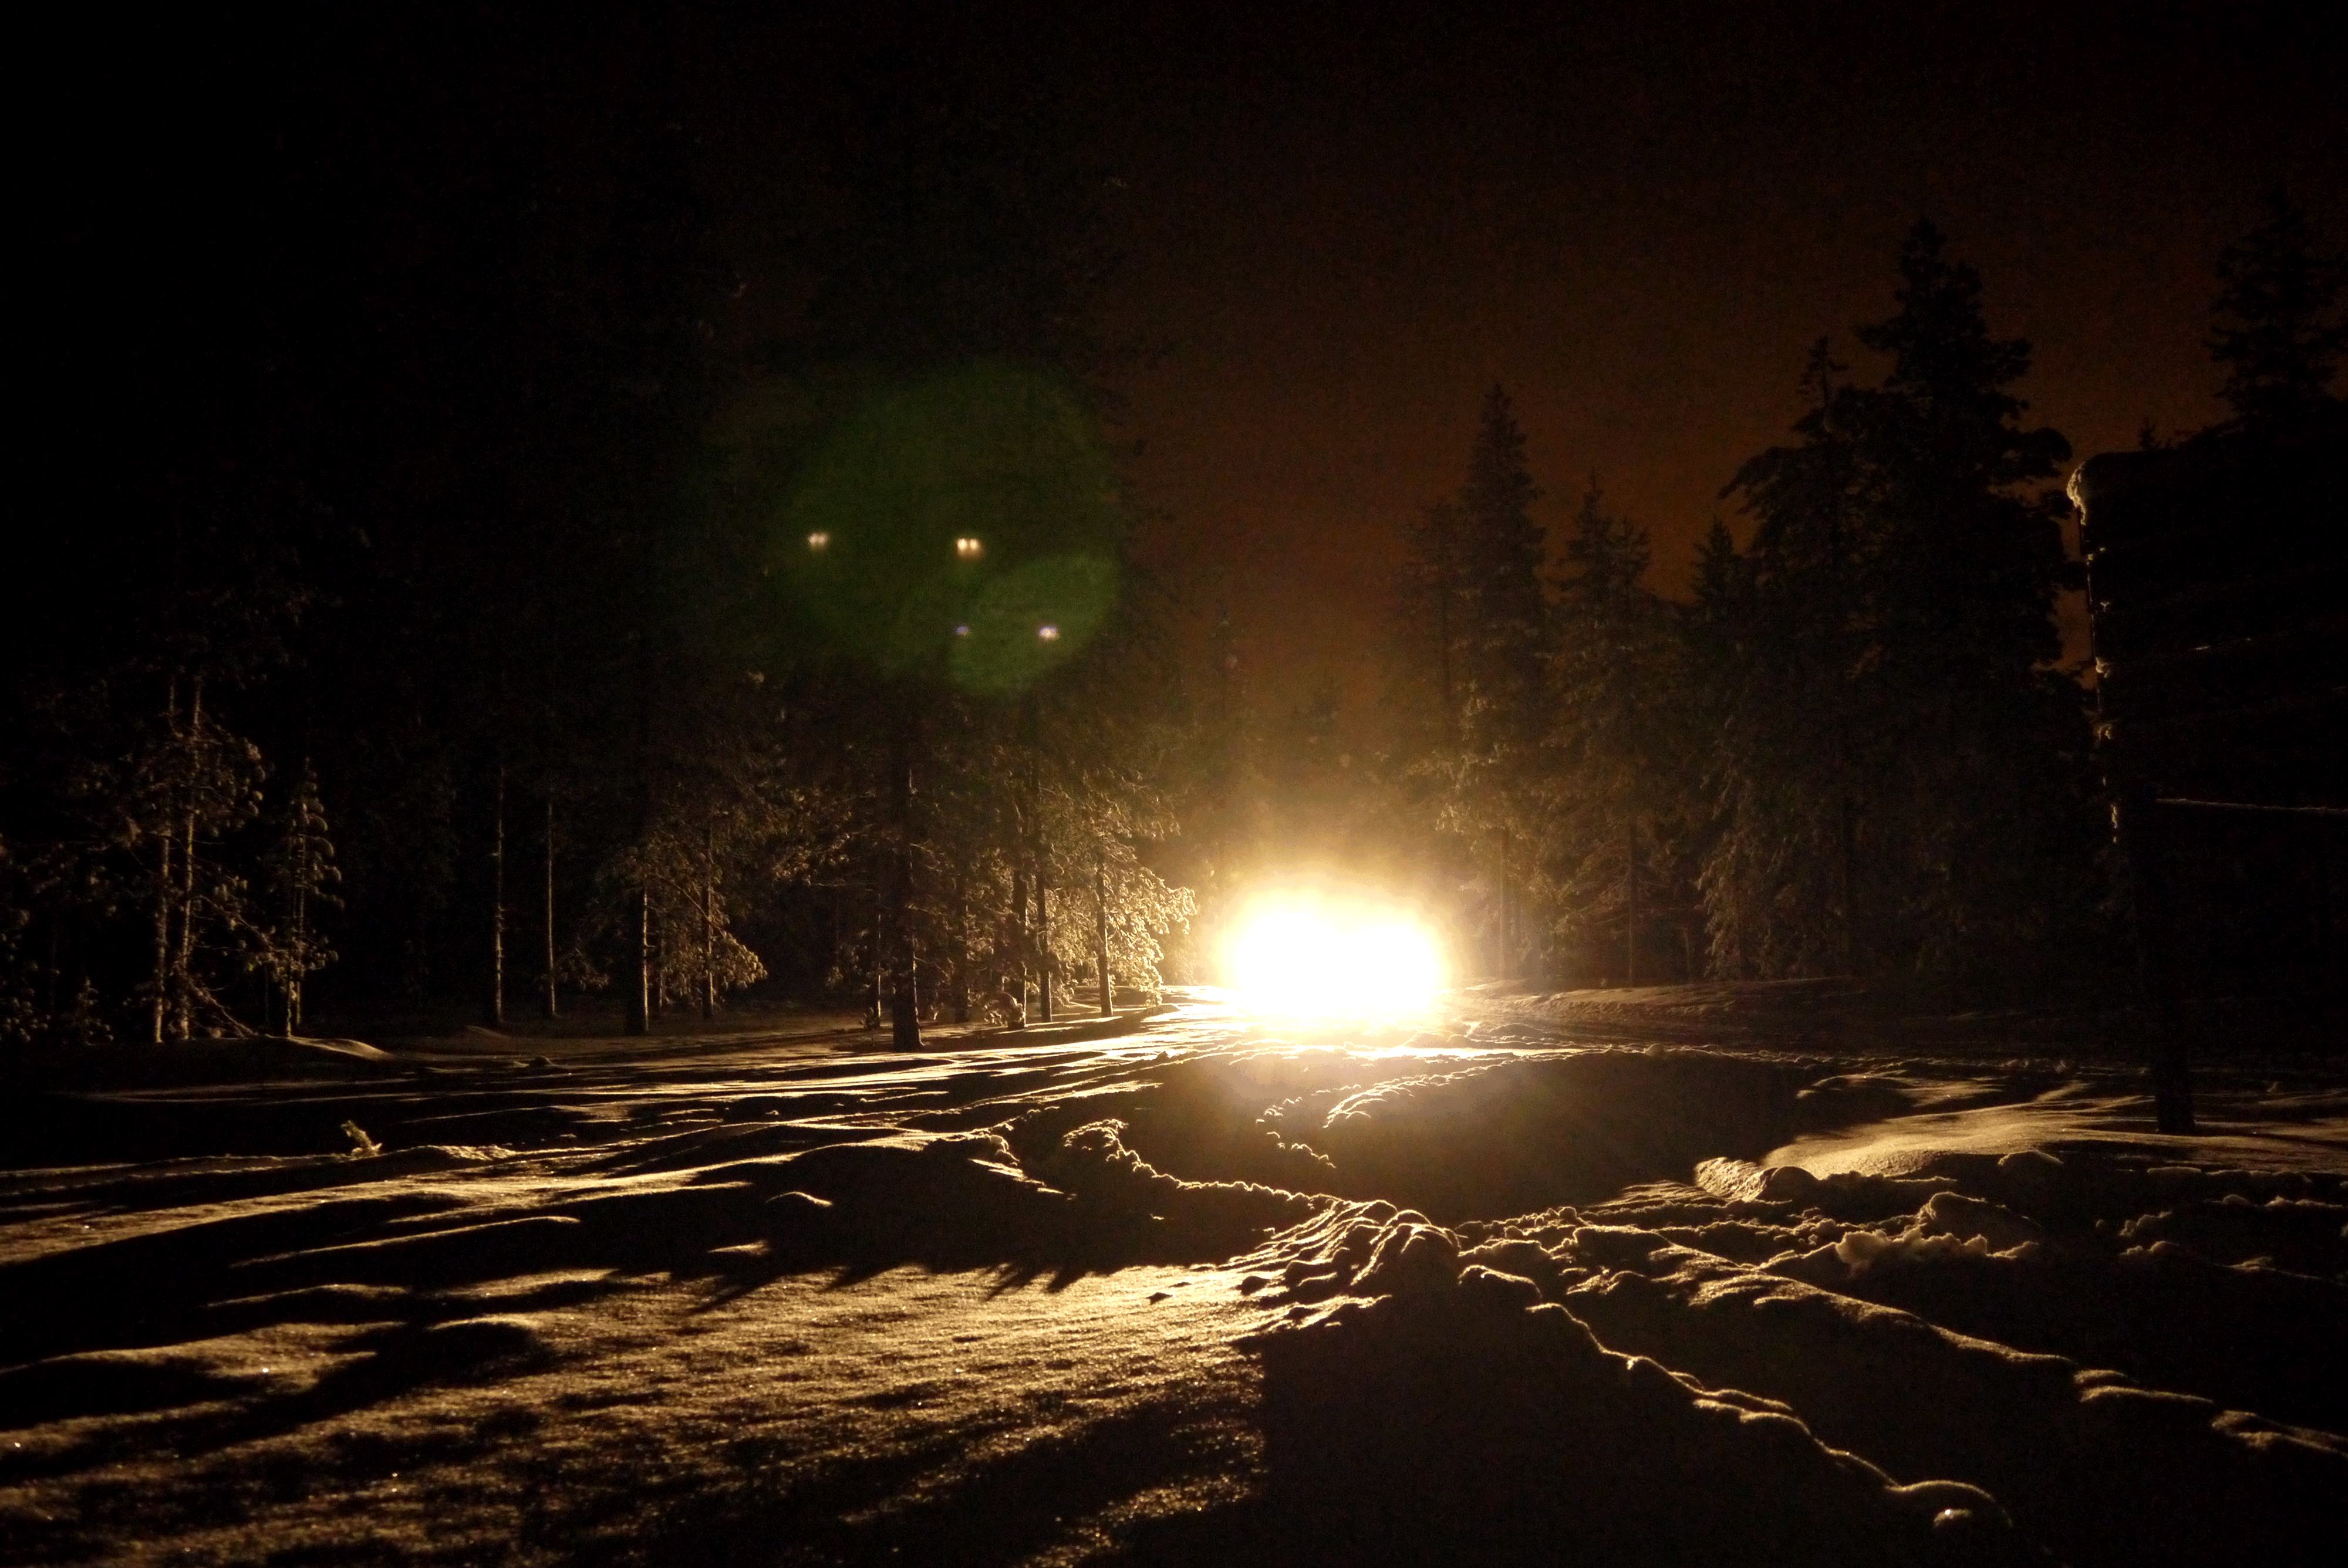 Schneemobil in verschneiter Landschaft